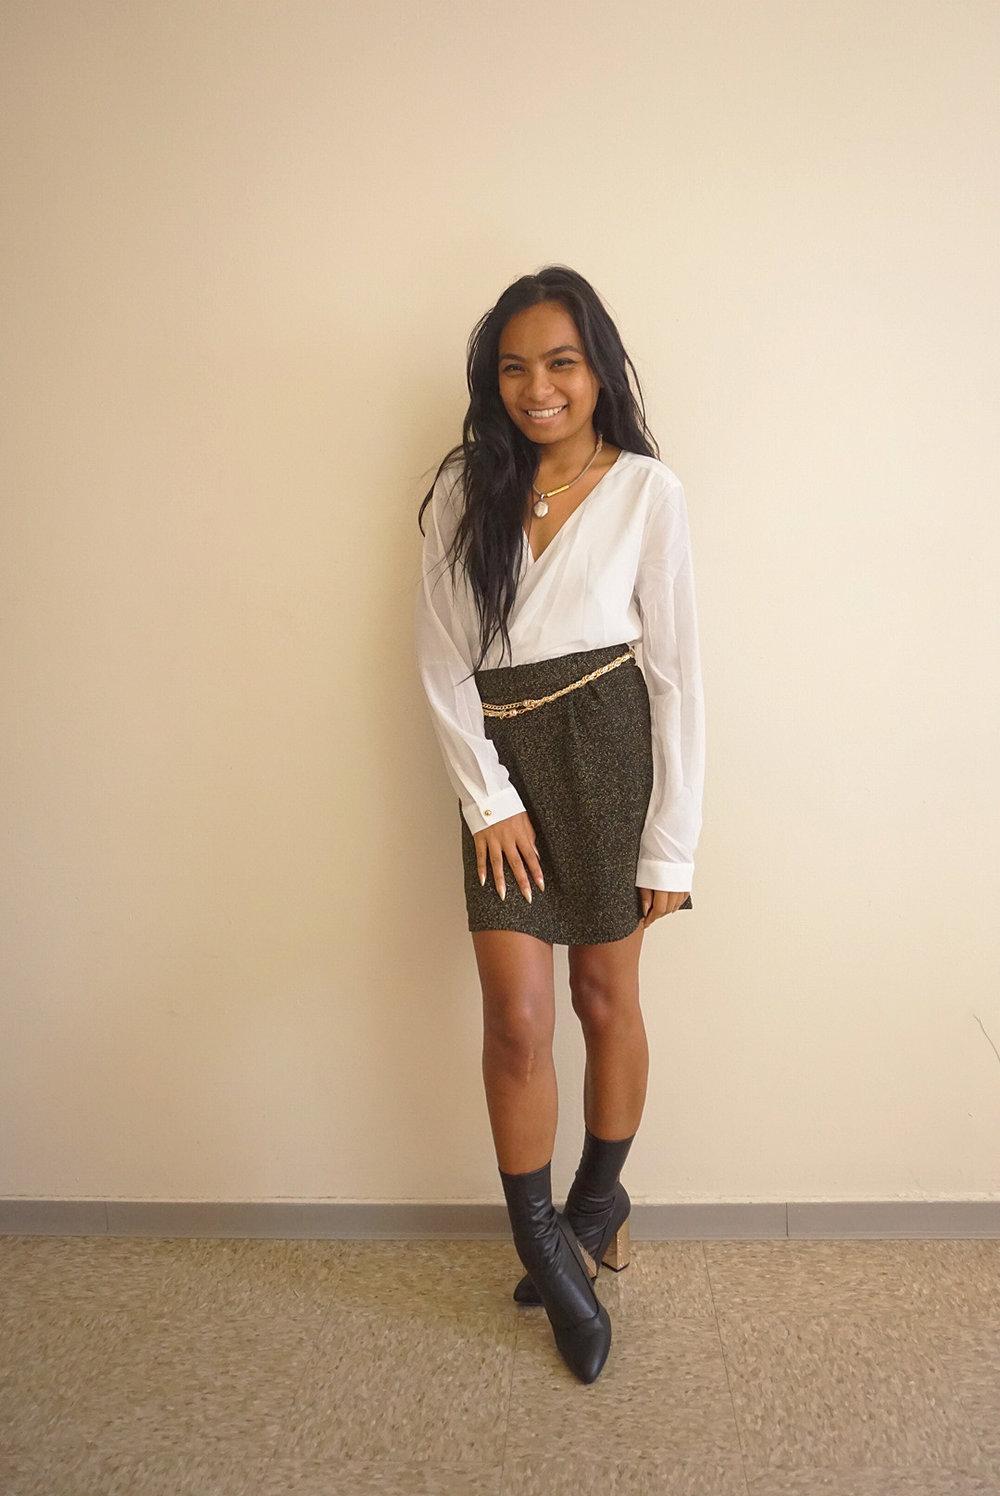 Two-Toned-Amiclubwear-Dress-Fall-Style-Blogger-LINDATENCHITRAN-8-1616x1080.jpg